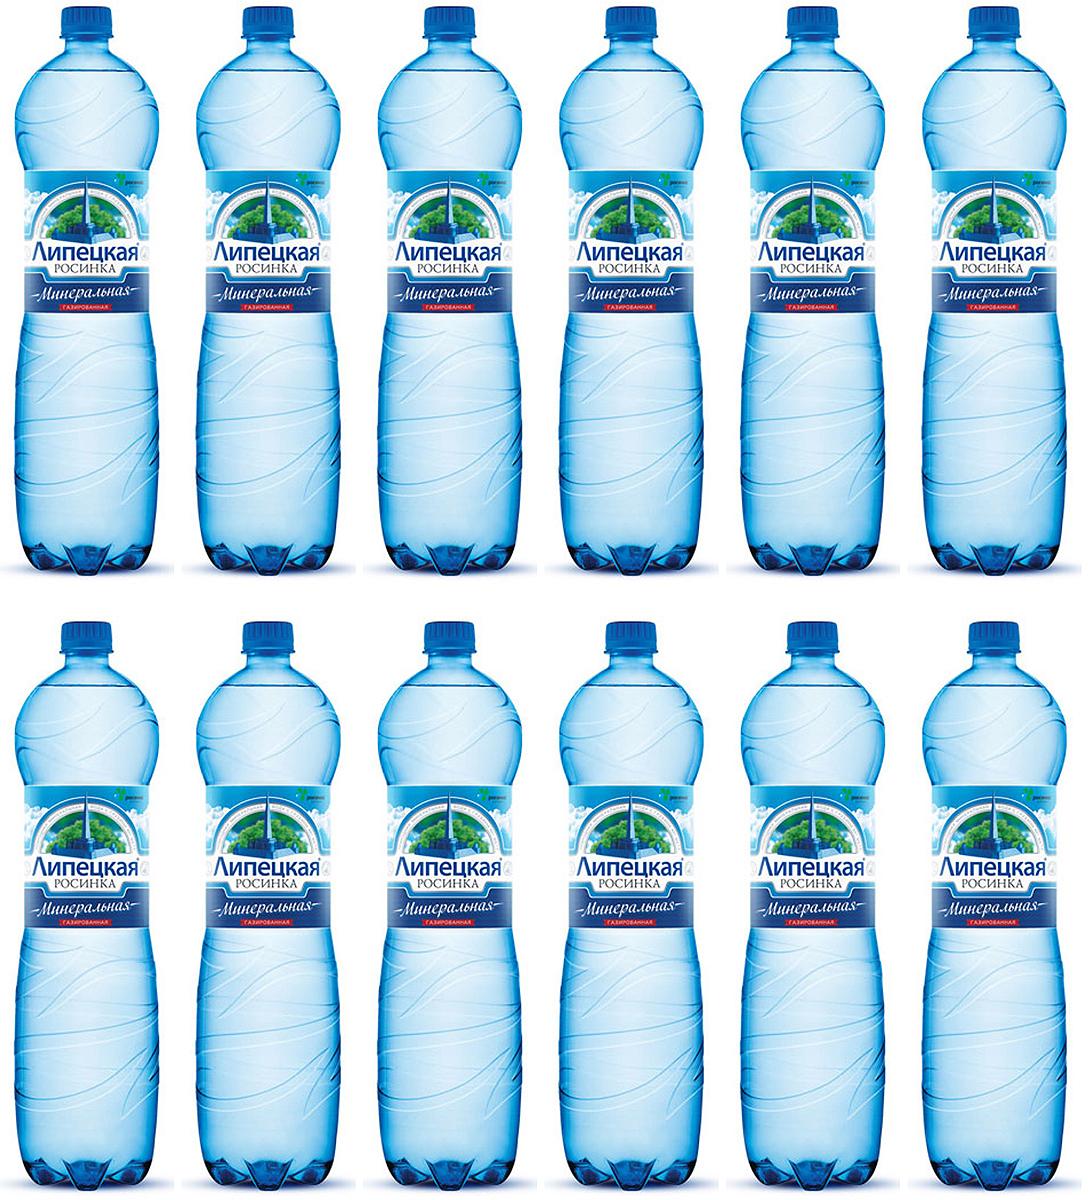 Липецкая Росинка вода газированная, 12 шт по 0,5 л